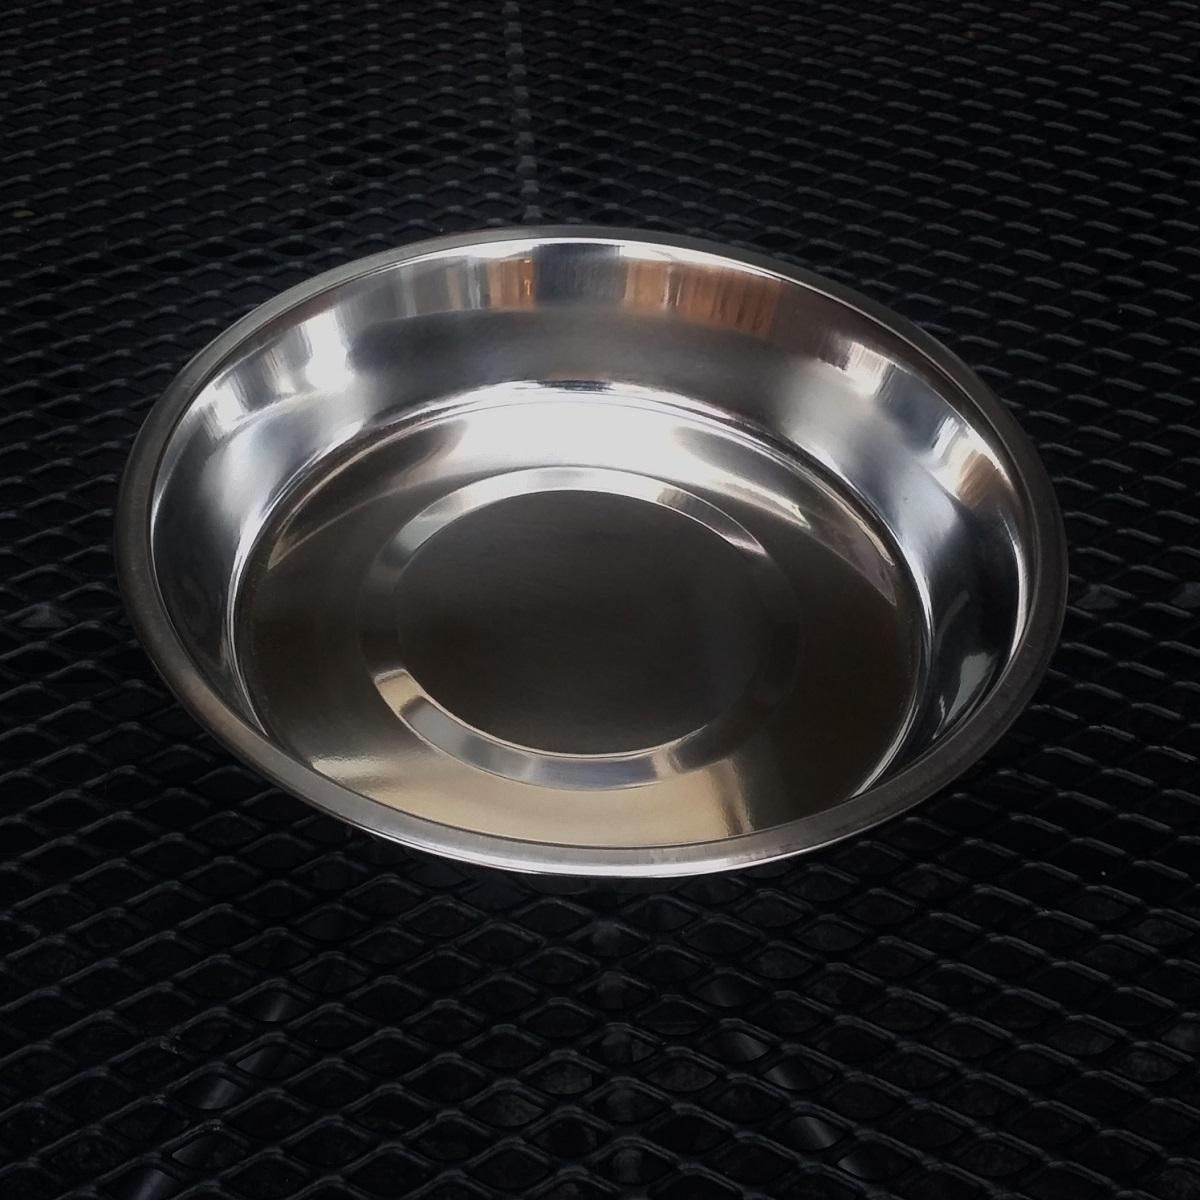 Badschaal rvs 200 mm